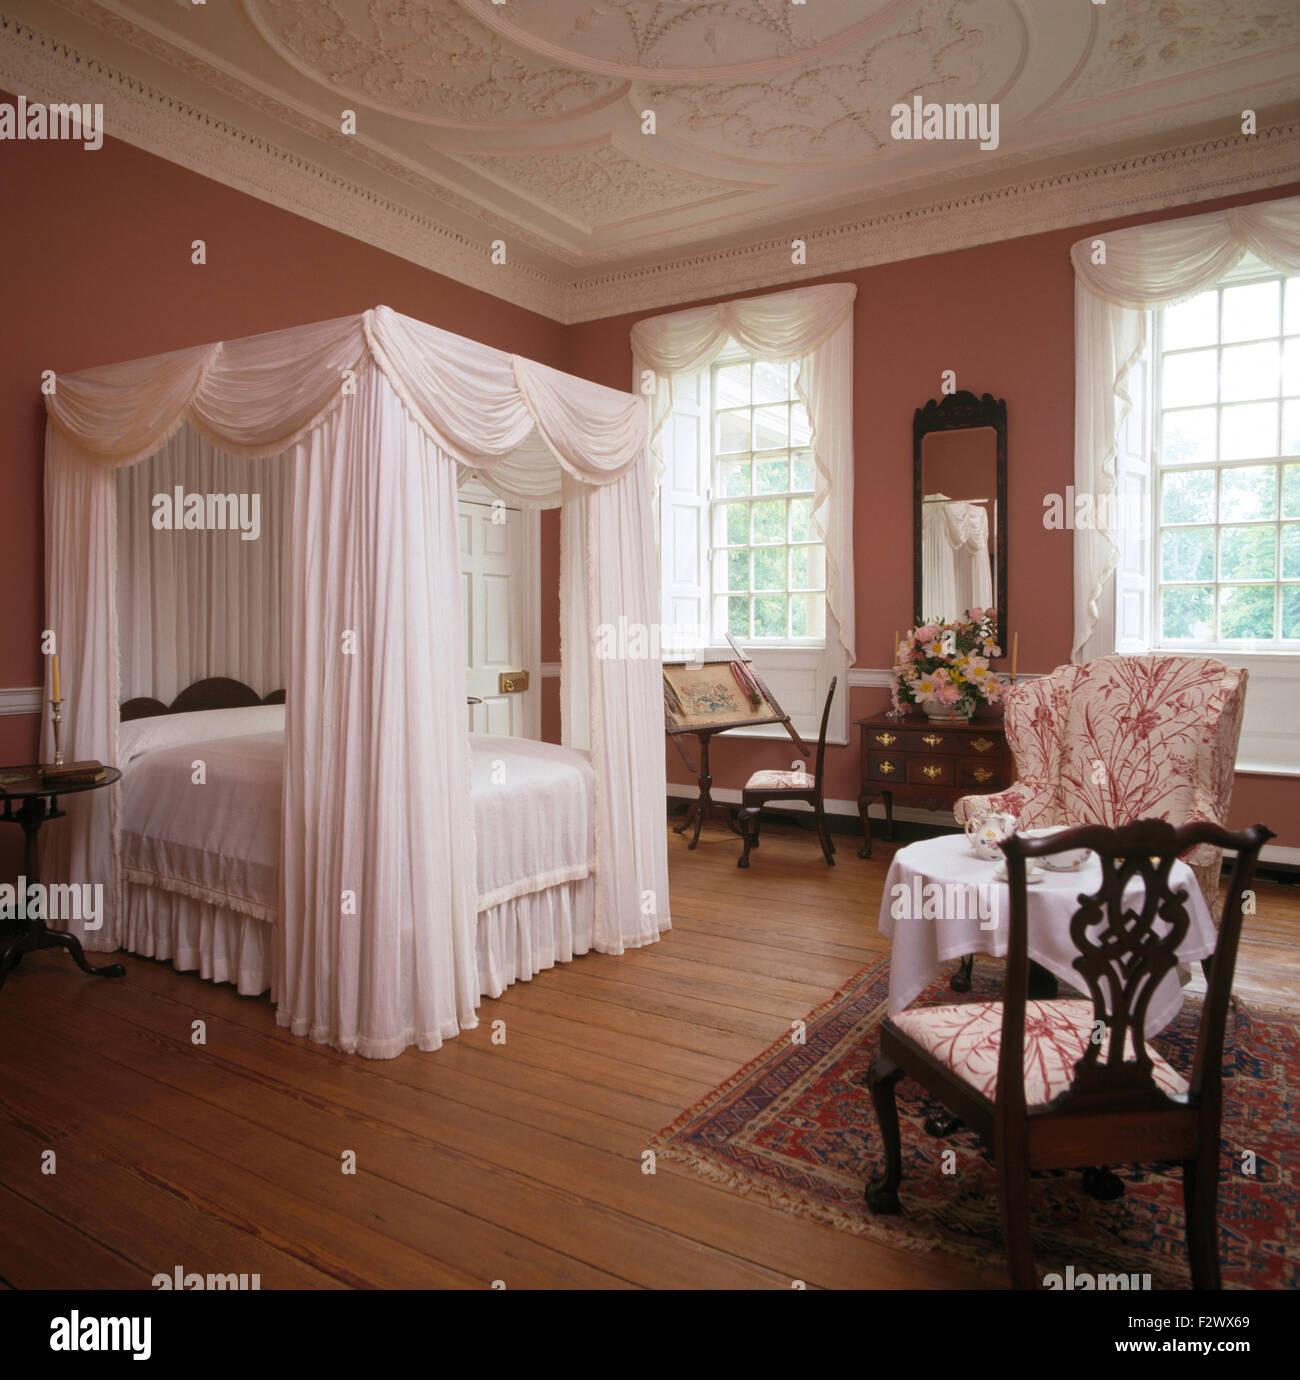 Weiße Vorhänge und Bettwäsche auf Himmelbett im eleganten ...